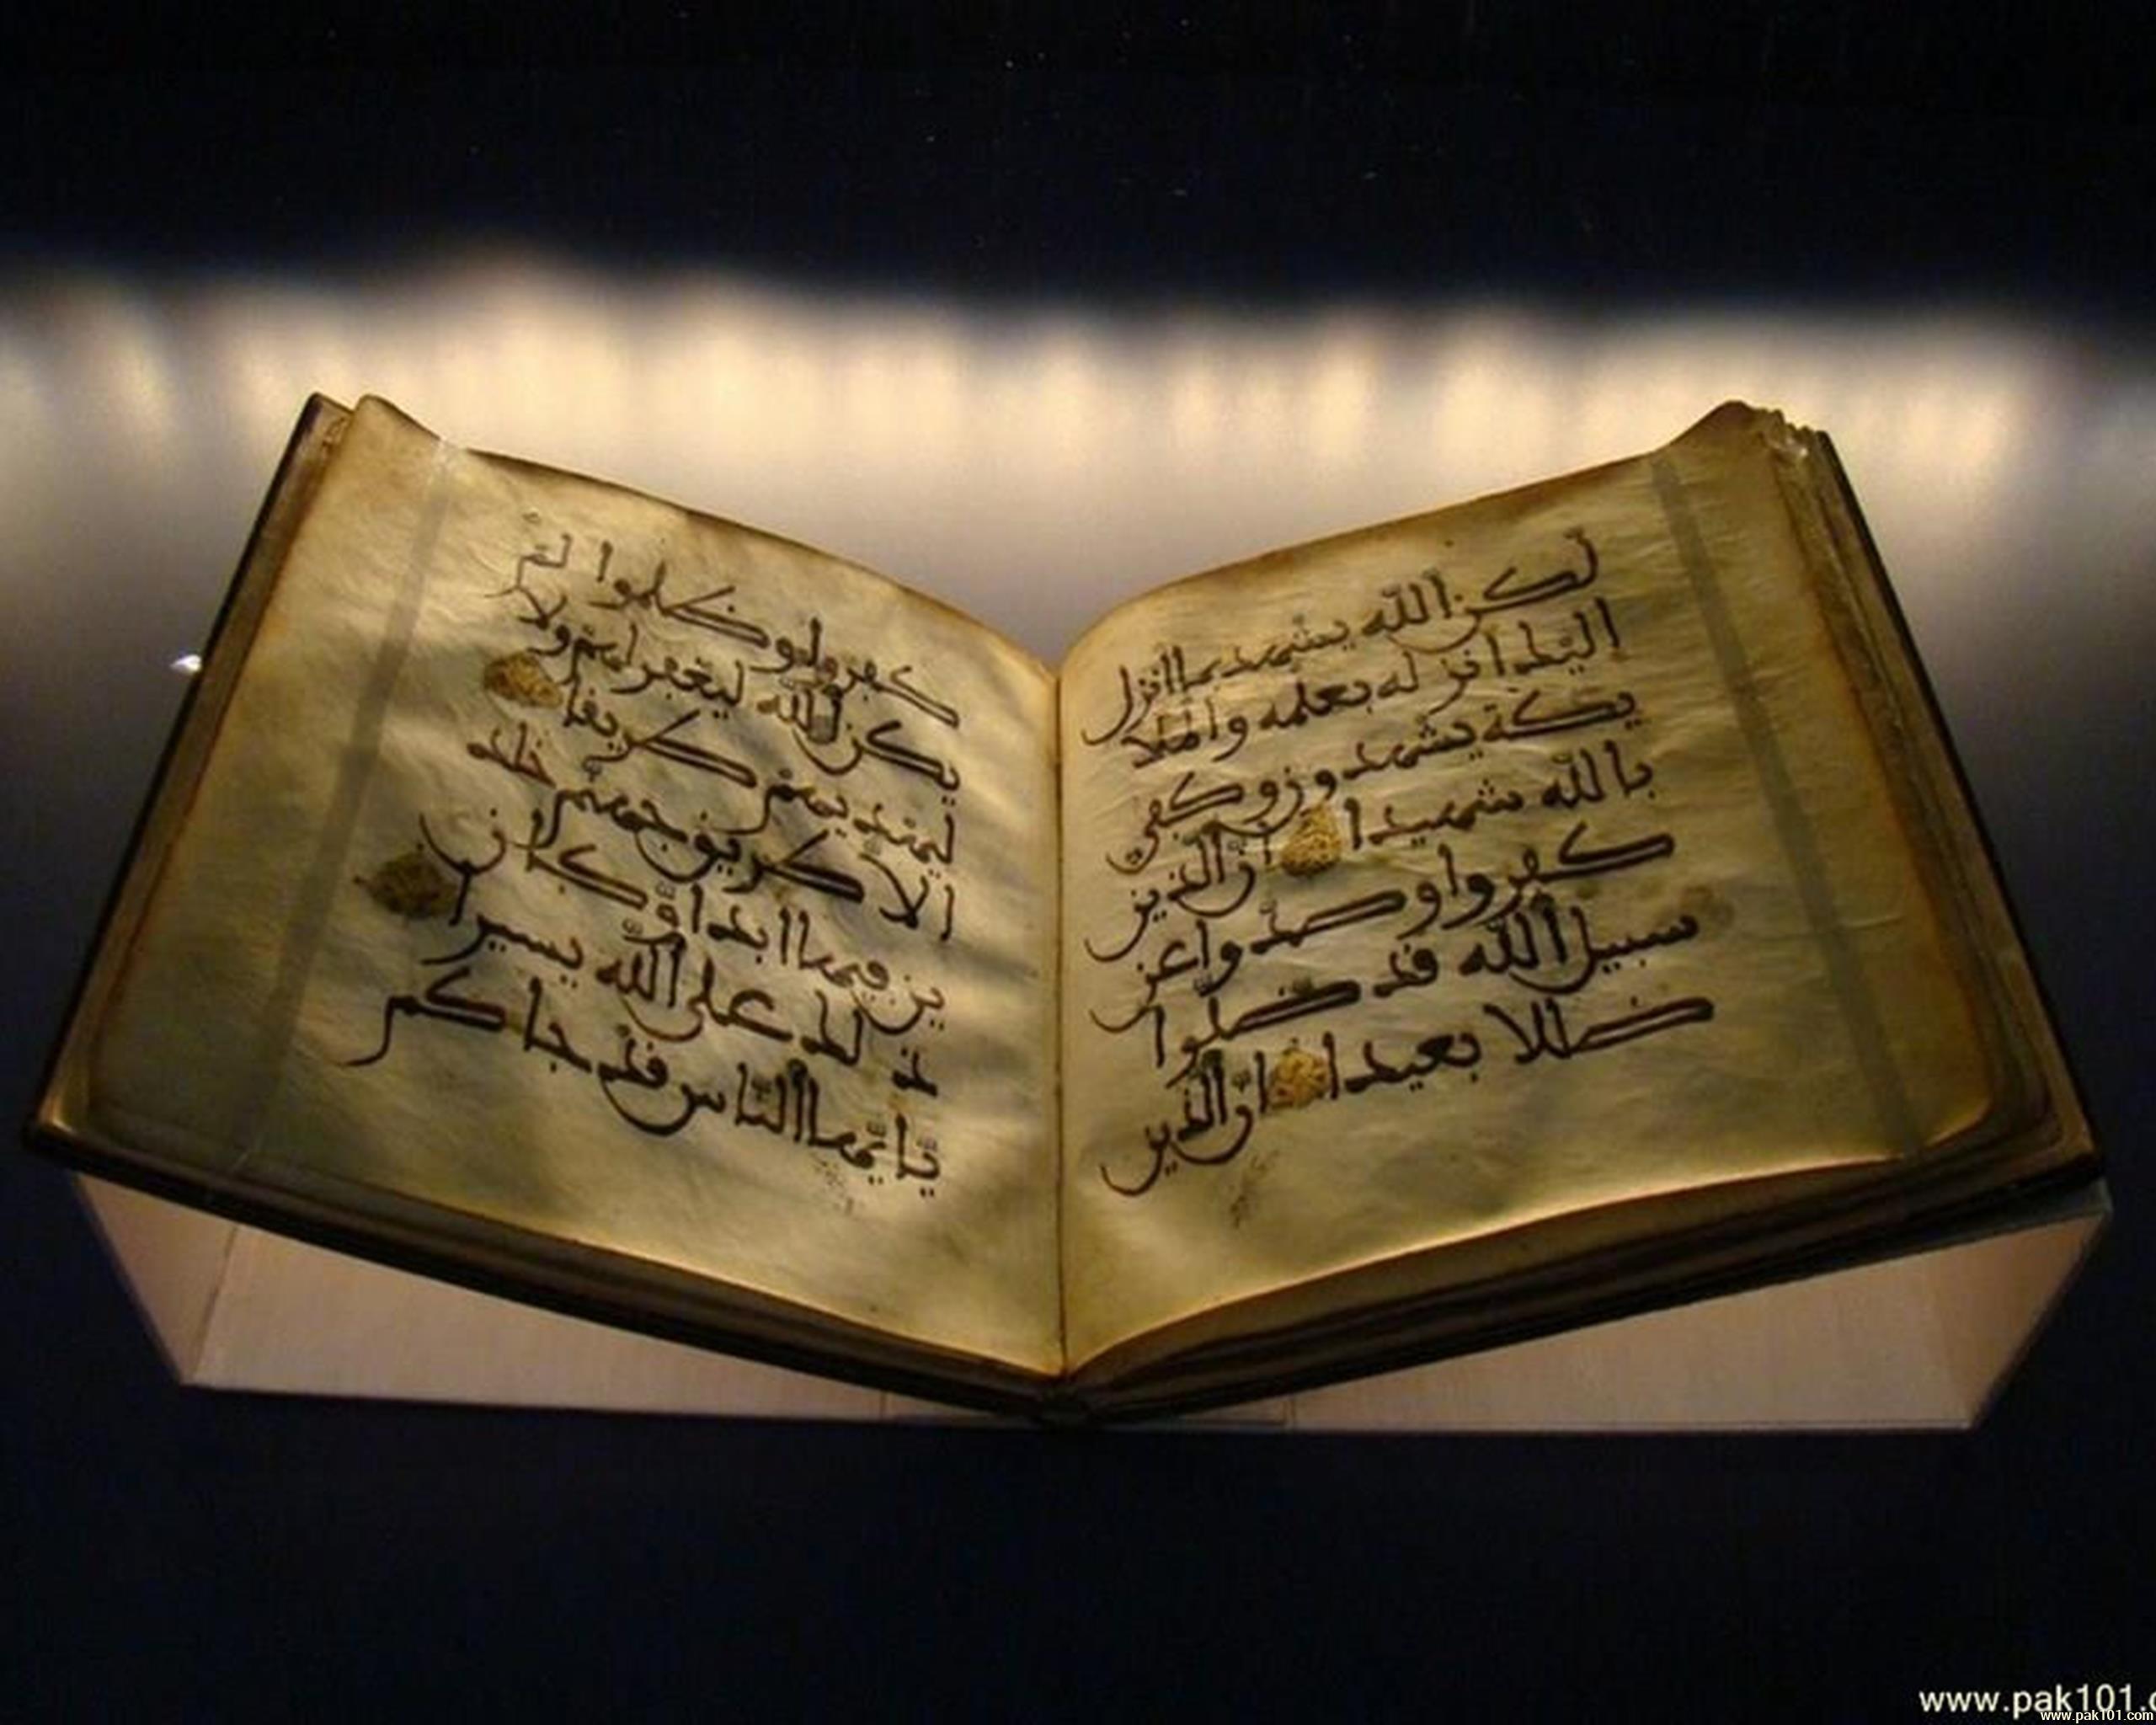 Quran Wallpaper (60+ images)